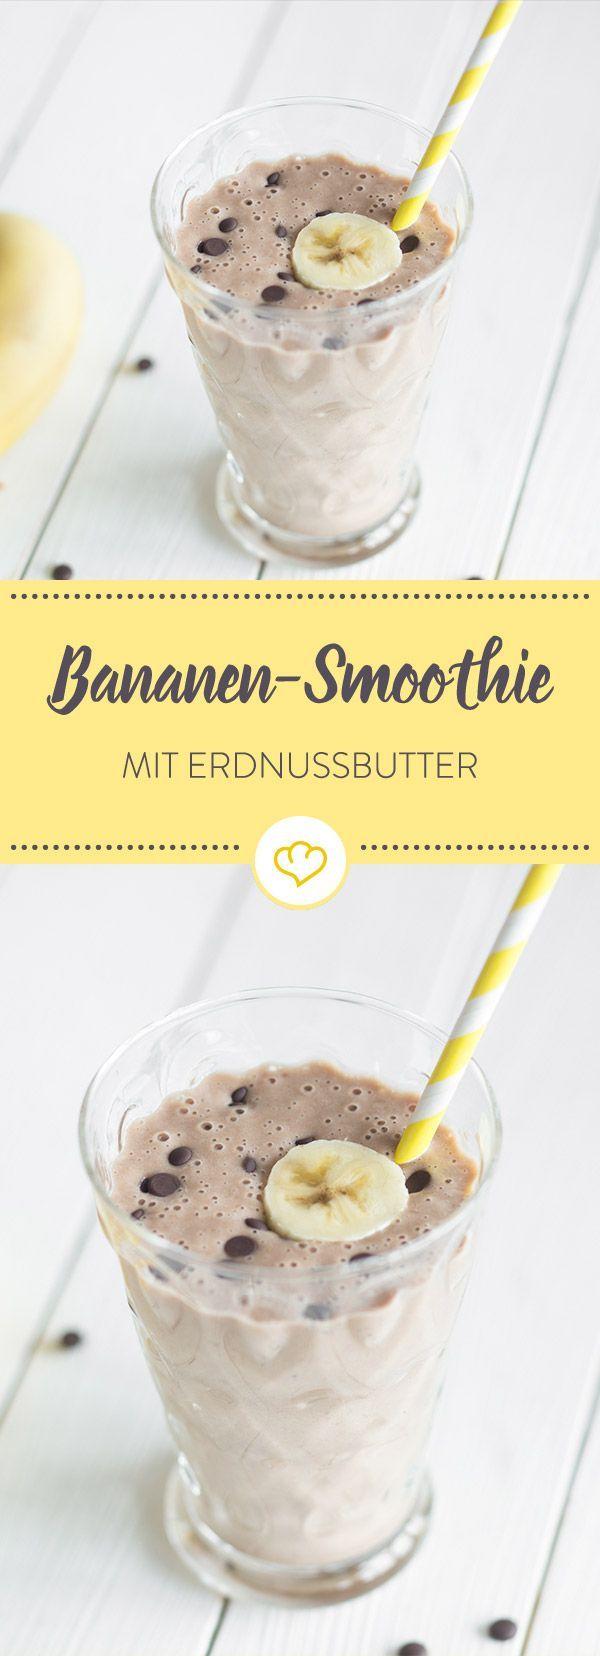 So lecker wie eine heiße Schokolade, so erfrischend wie ein kalter Kakao. On top: süße Bananen und cremige Erdnussbutter. Smoothie mit Suchtpotenzial!